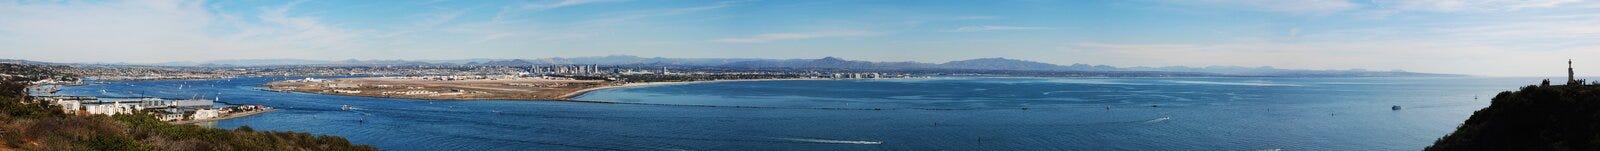 Voll - Ansicht von San Diego Stockfotos